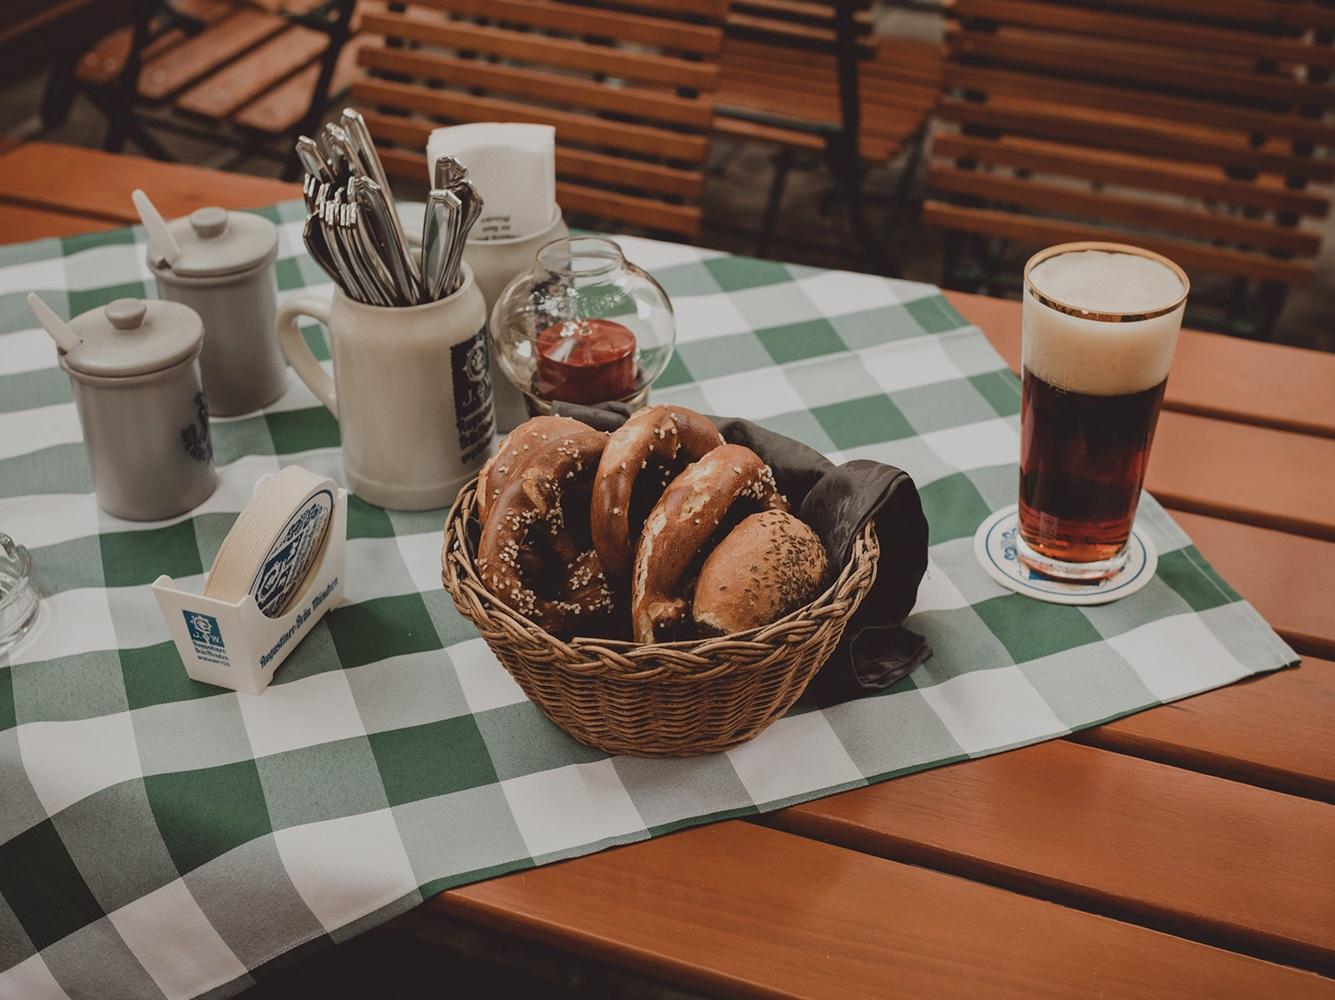 Die besten Biergärten! In diesen Wirtshäusern in und um Passau könnt ihr auch im Herbst noch in der warmen Sonne entspannen.